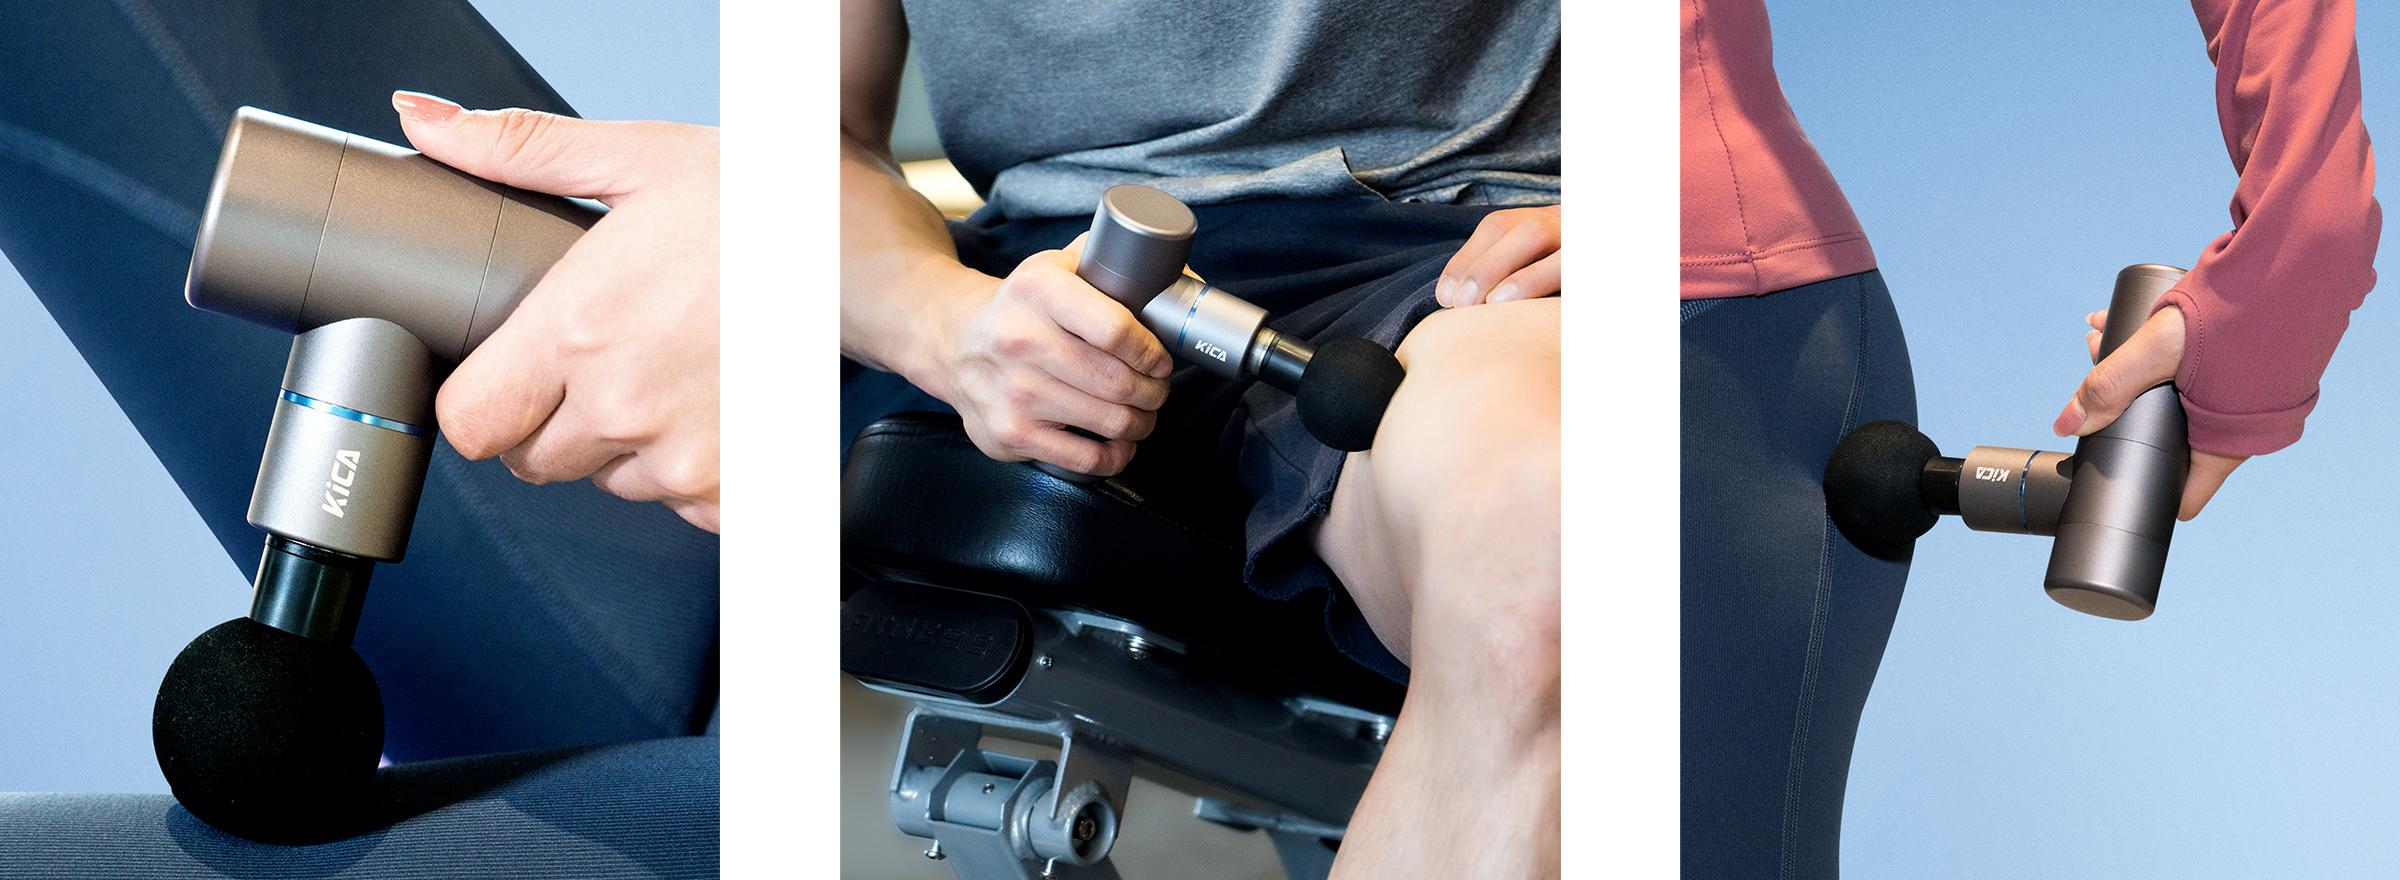 Zastosowanie masażera FeiyuTech KiCA w sporcie